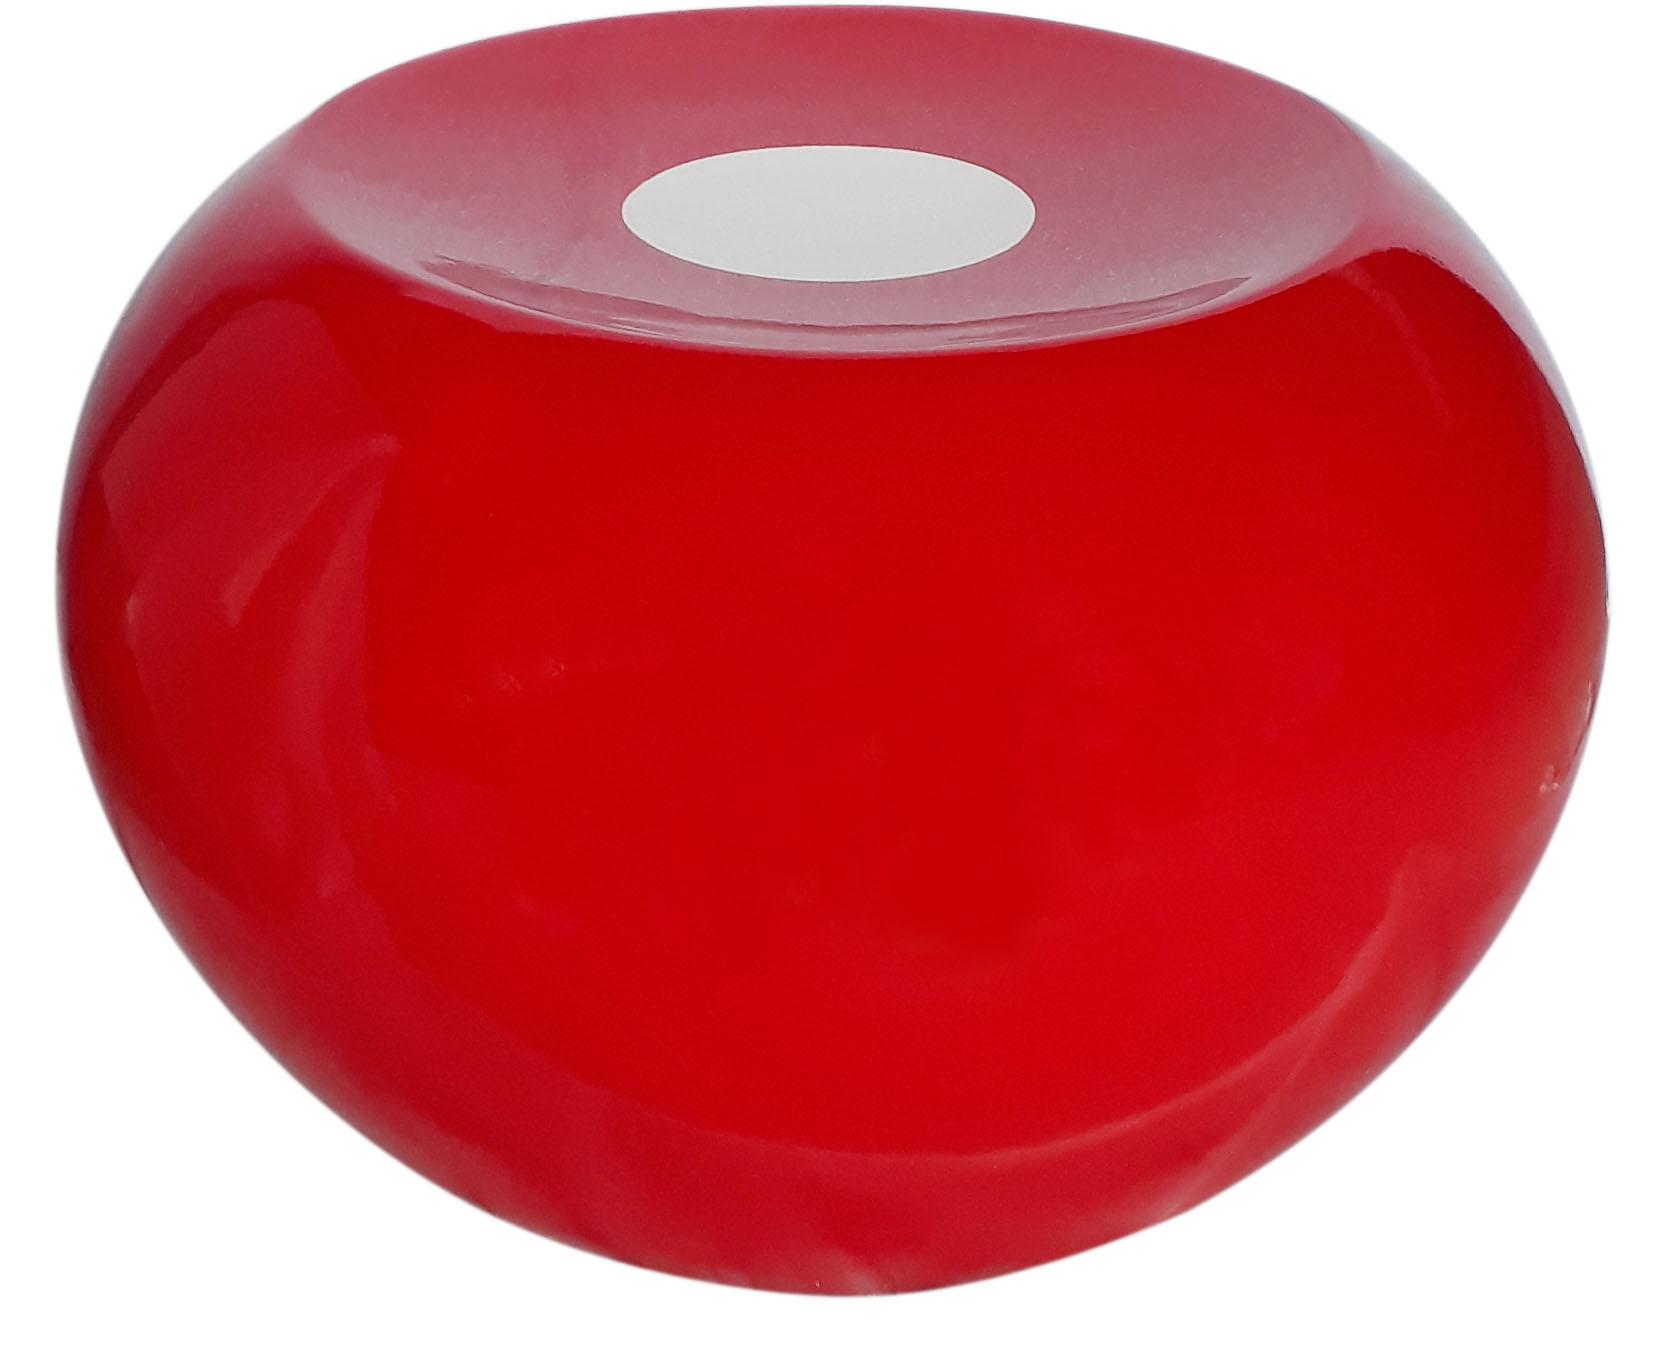 Stool-Red & white.jpg